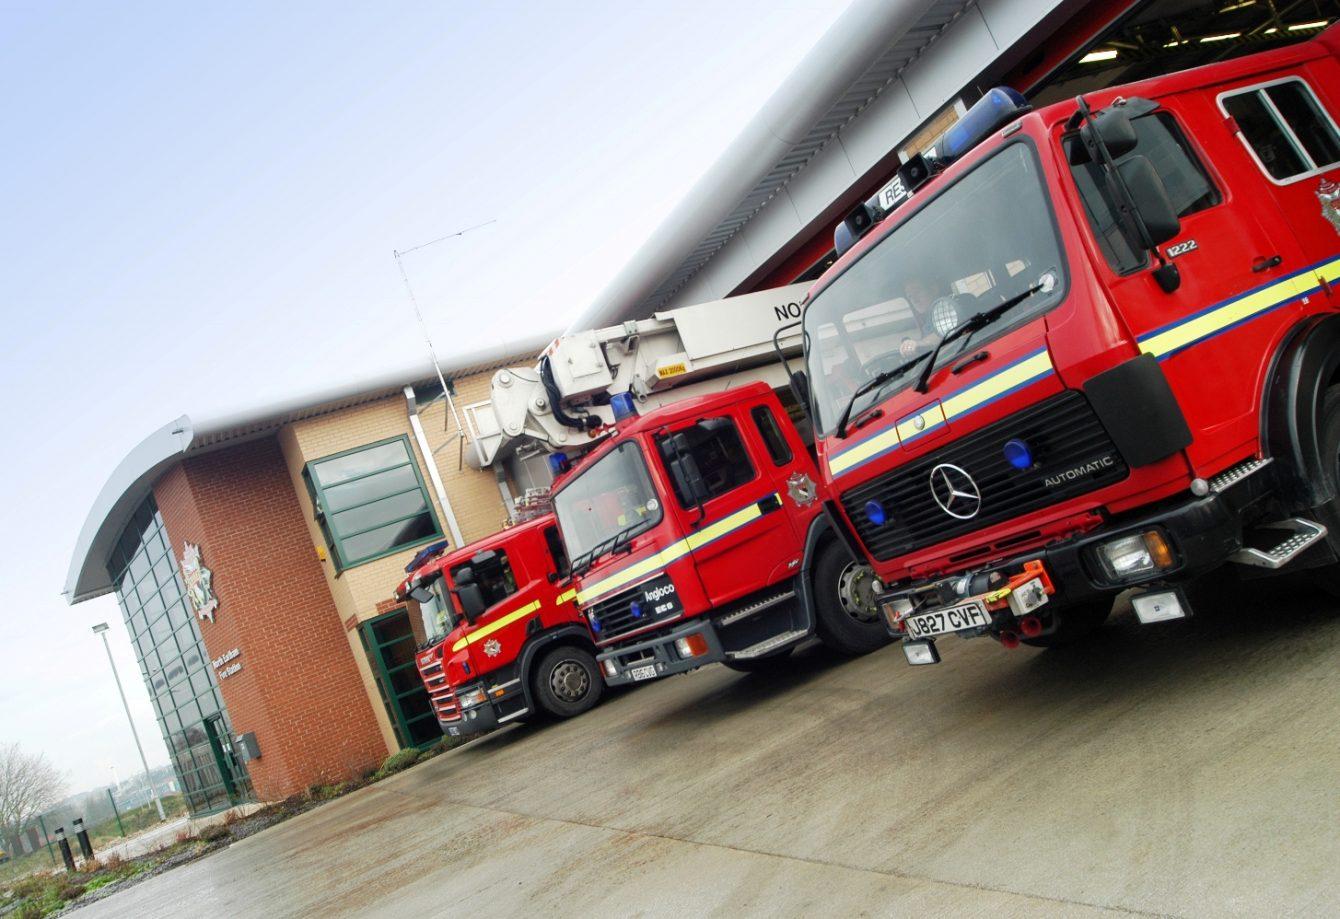 N Earlham Fire Stn